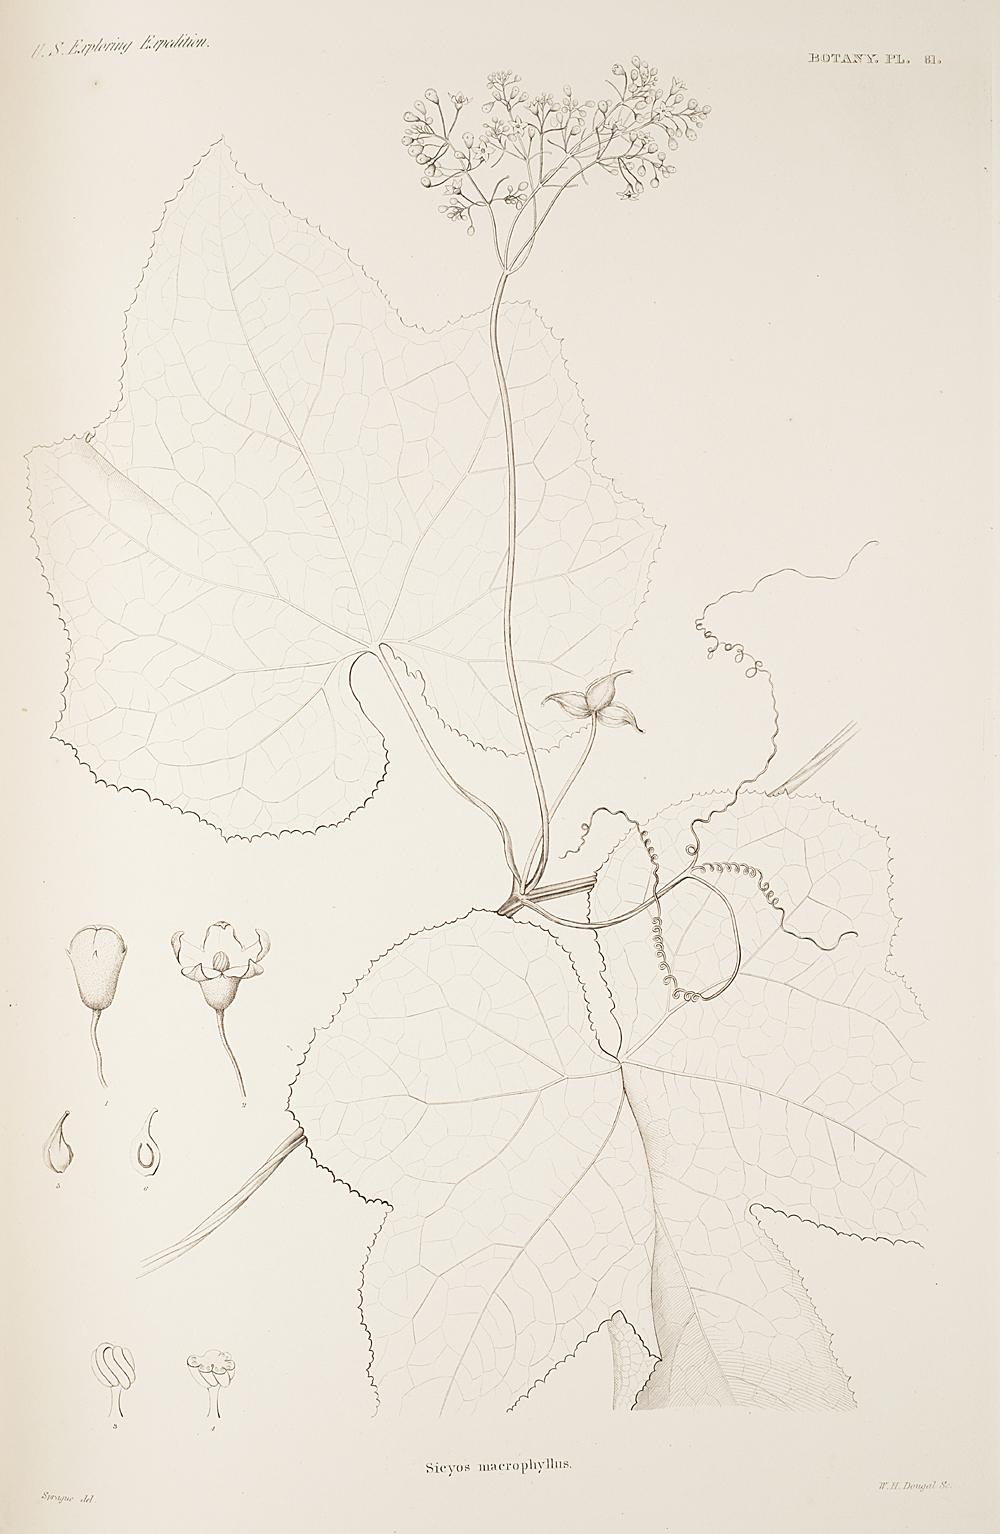 Botany, Pl. 81,  Image number:sil19-23-173b